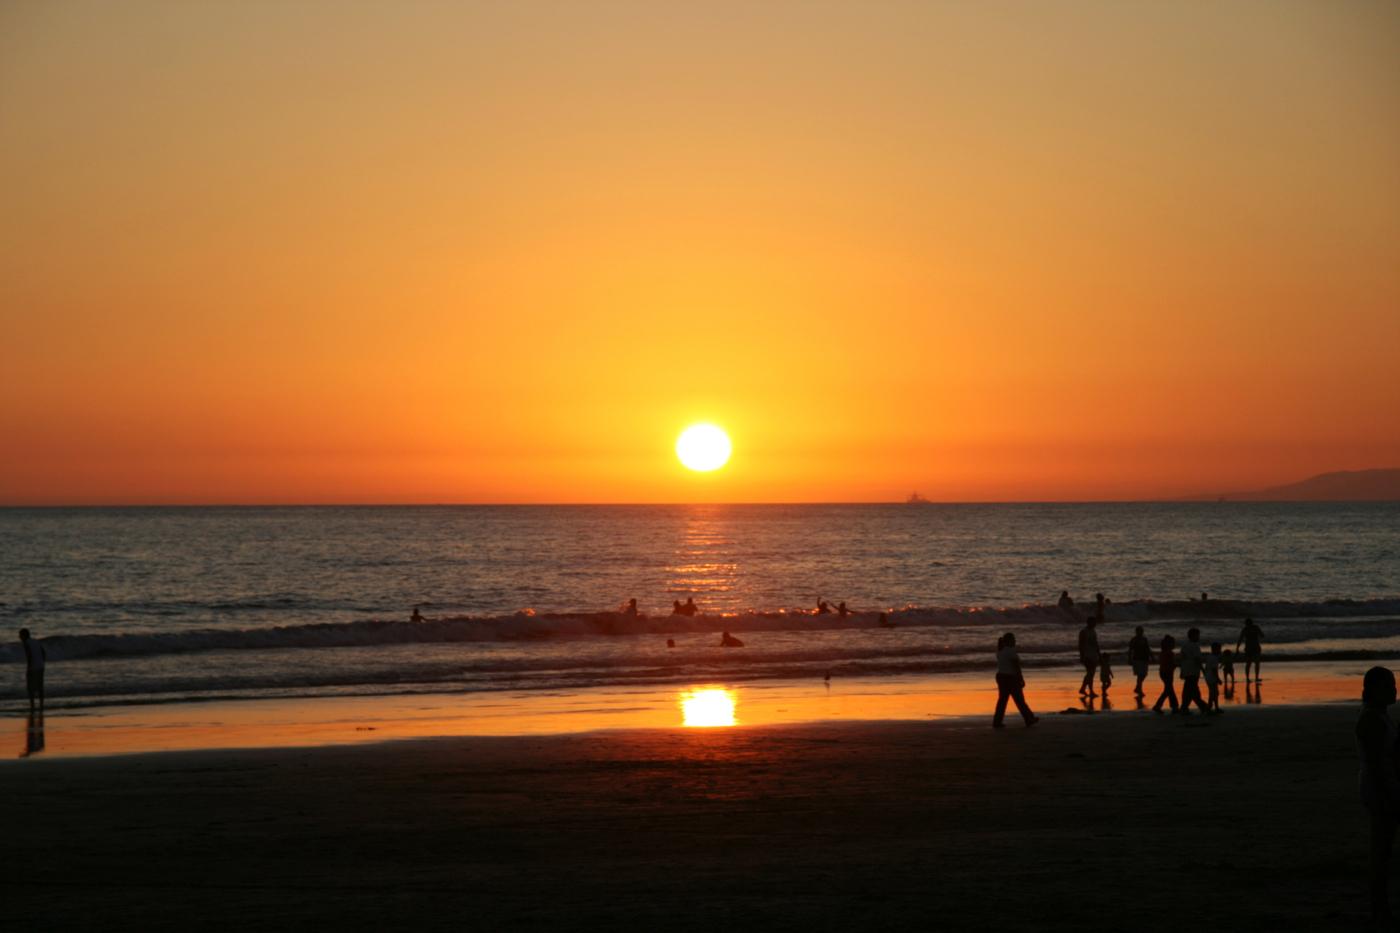 beach sunset wallpaper 1400x933